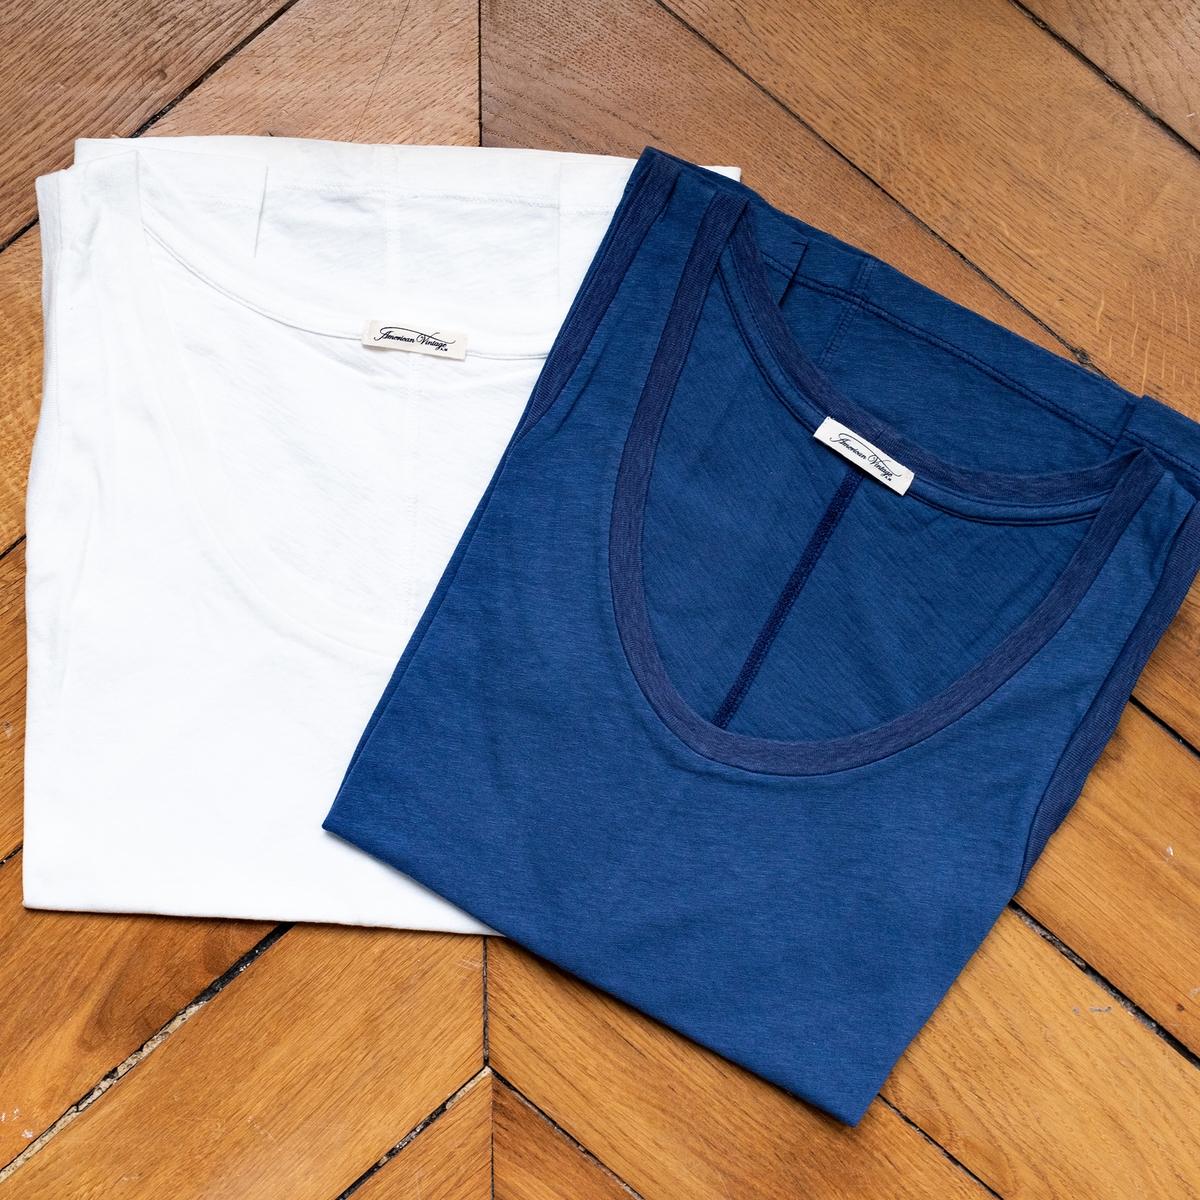 Imagen adicional de producto de Camiseta de manga corta, cuello redondo - American Vintage